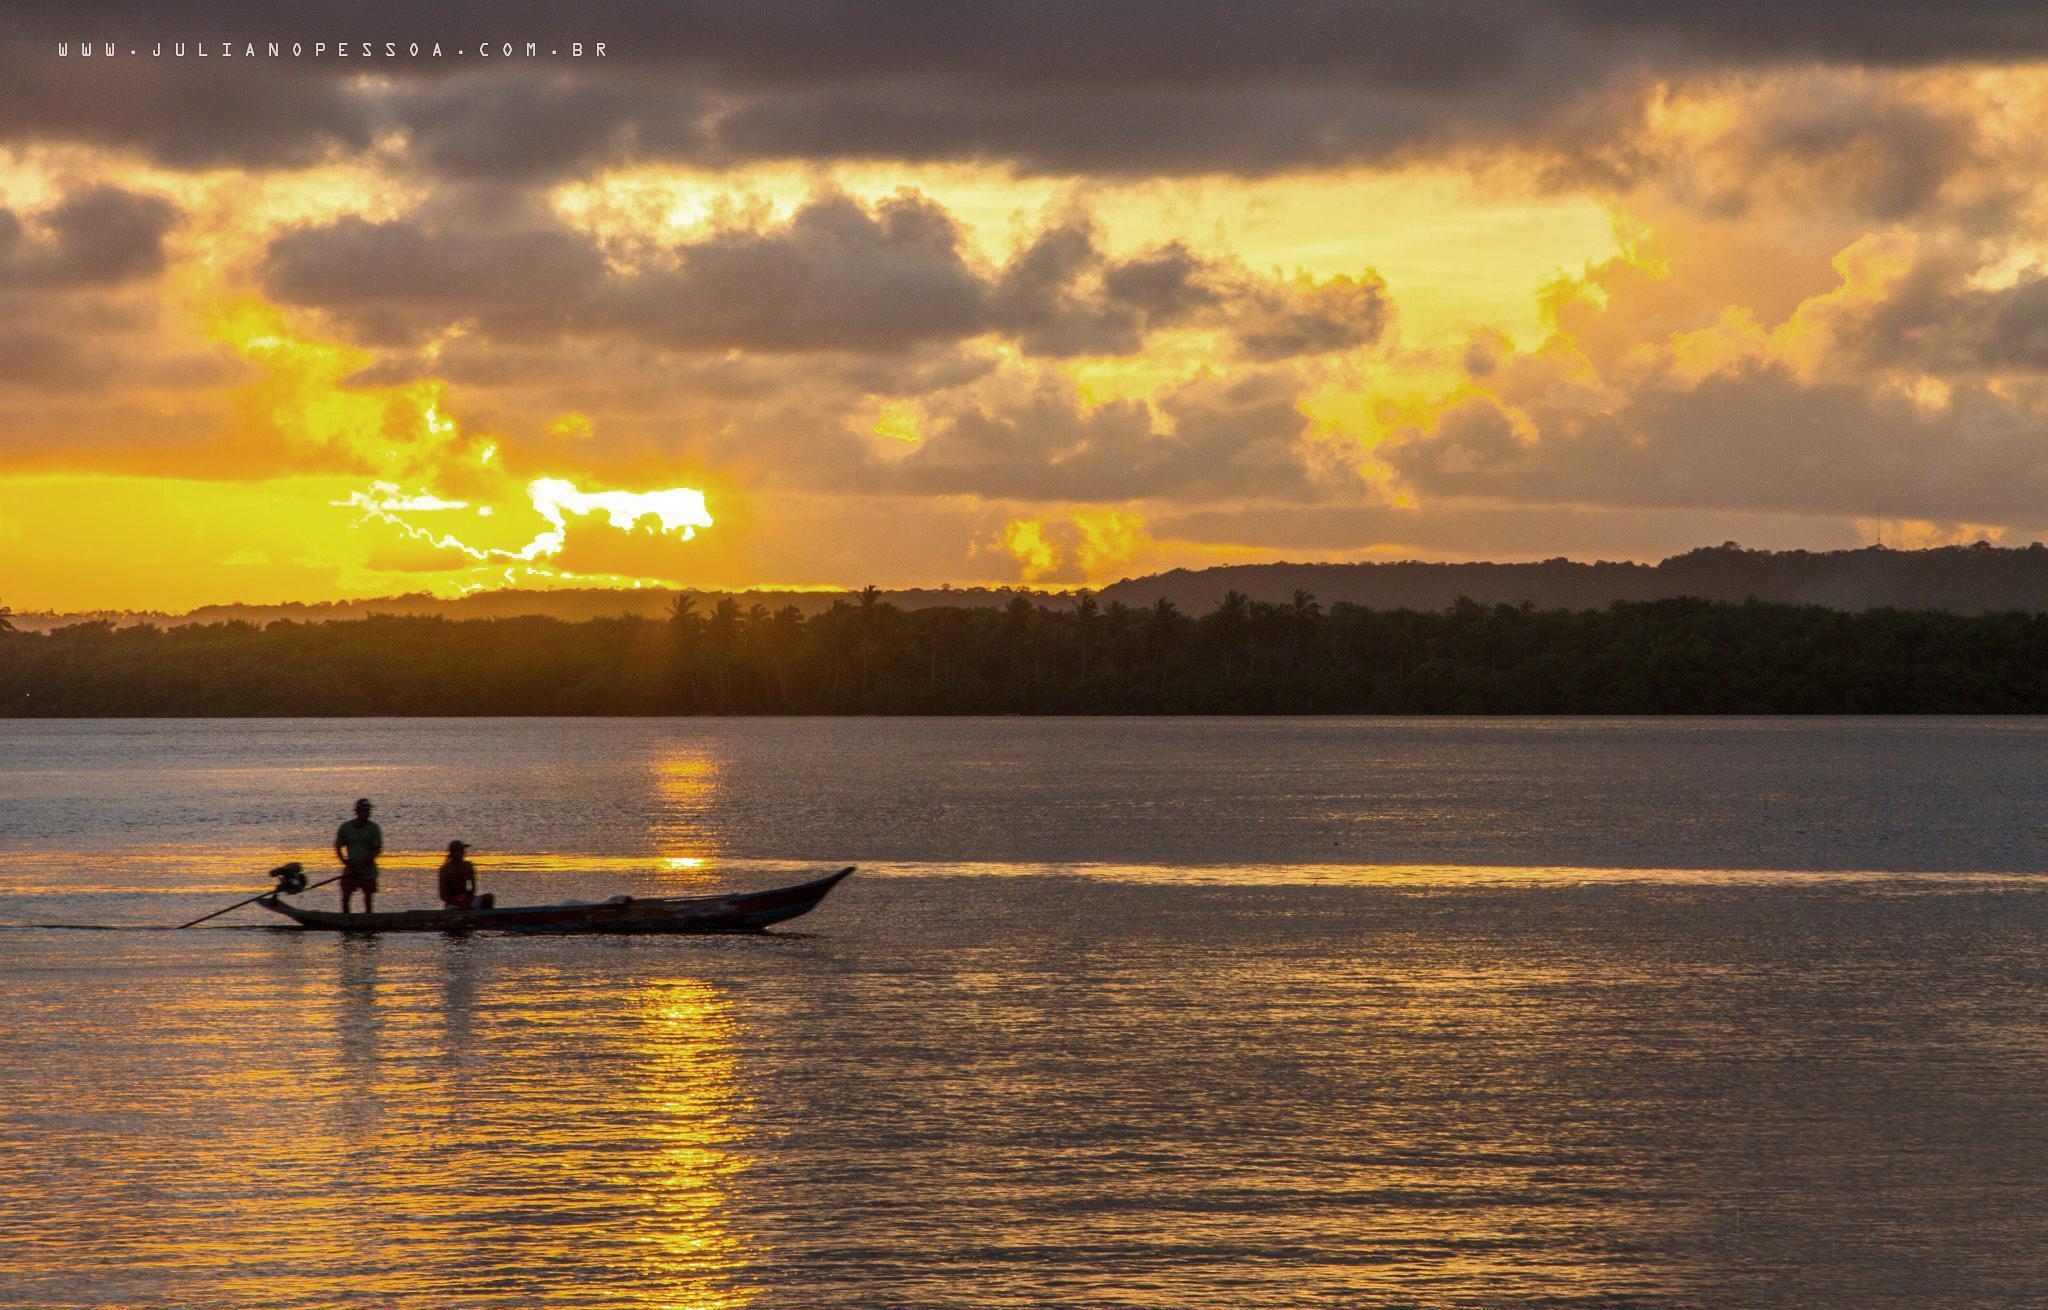 Maceió. Alagoas. Pontal da Barra. by Juliano Pessoa